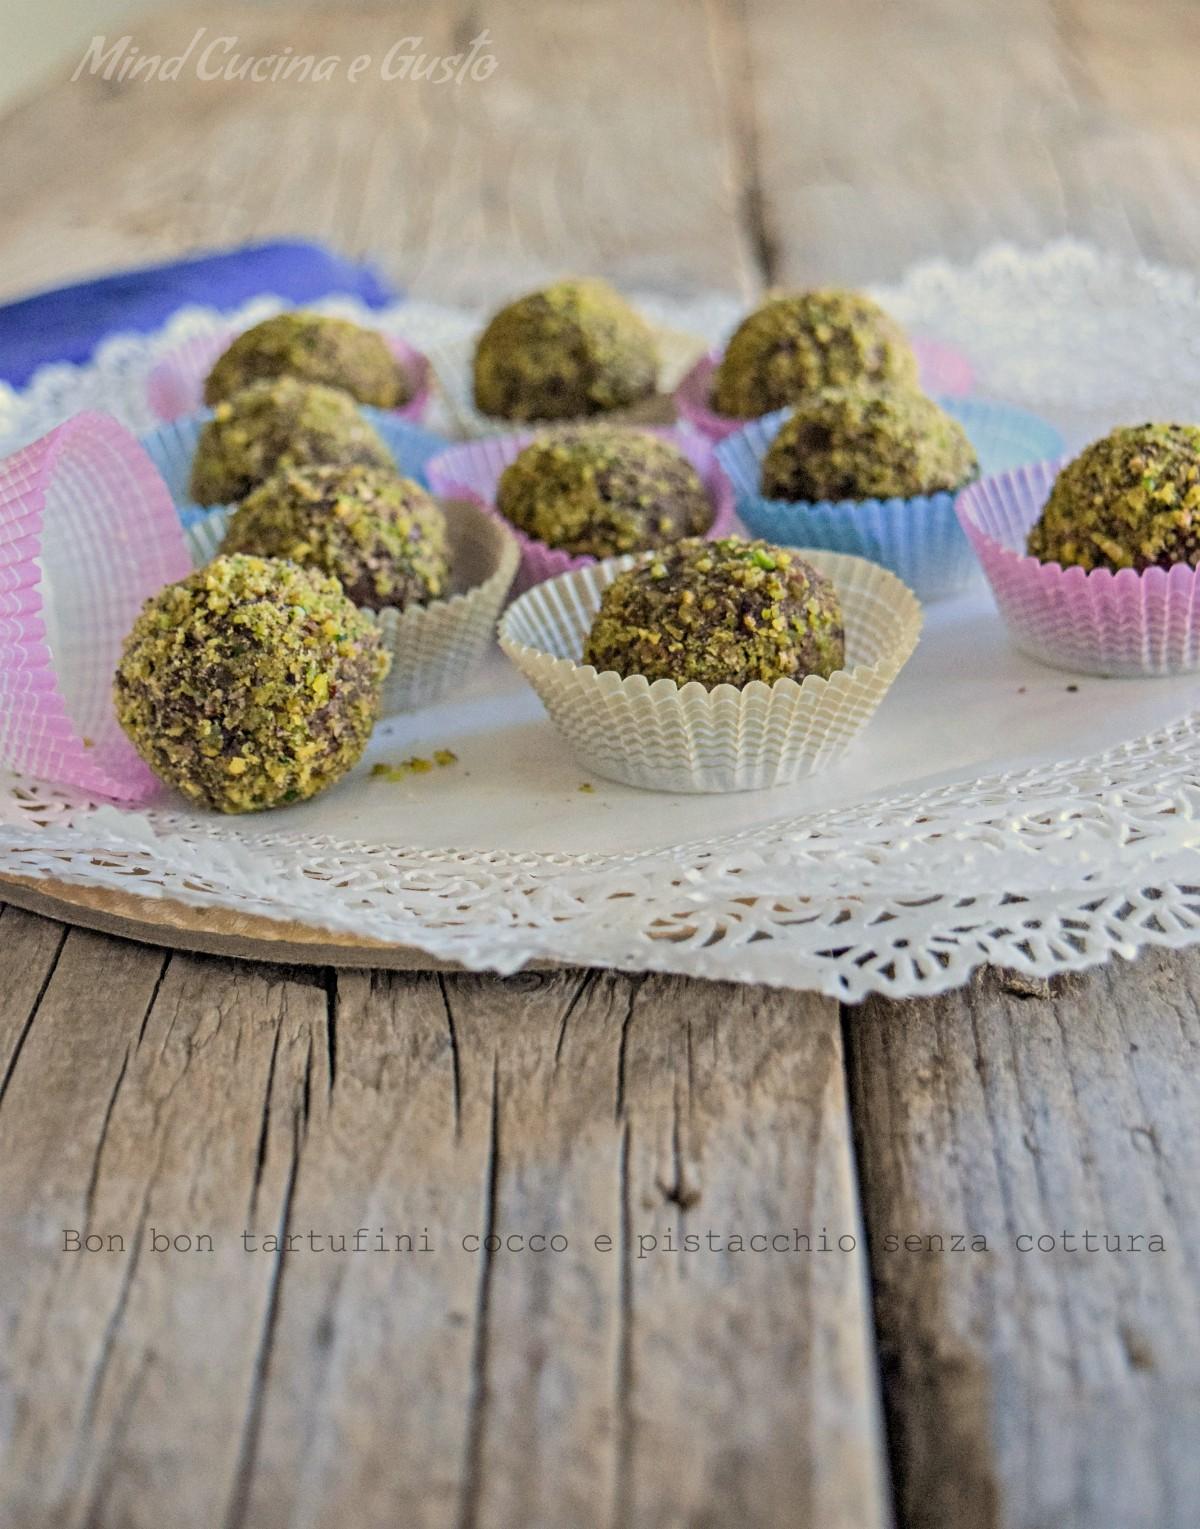 Bon bon tartufini cocco e pistacchio senza cottura verticale